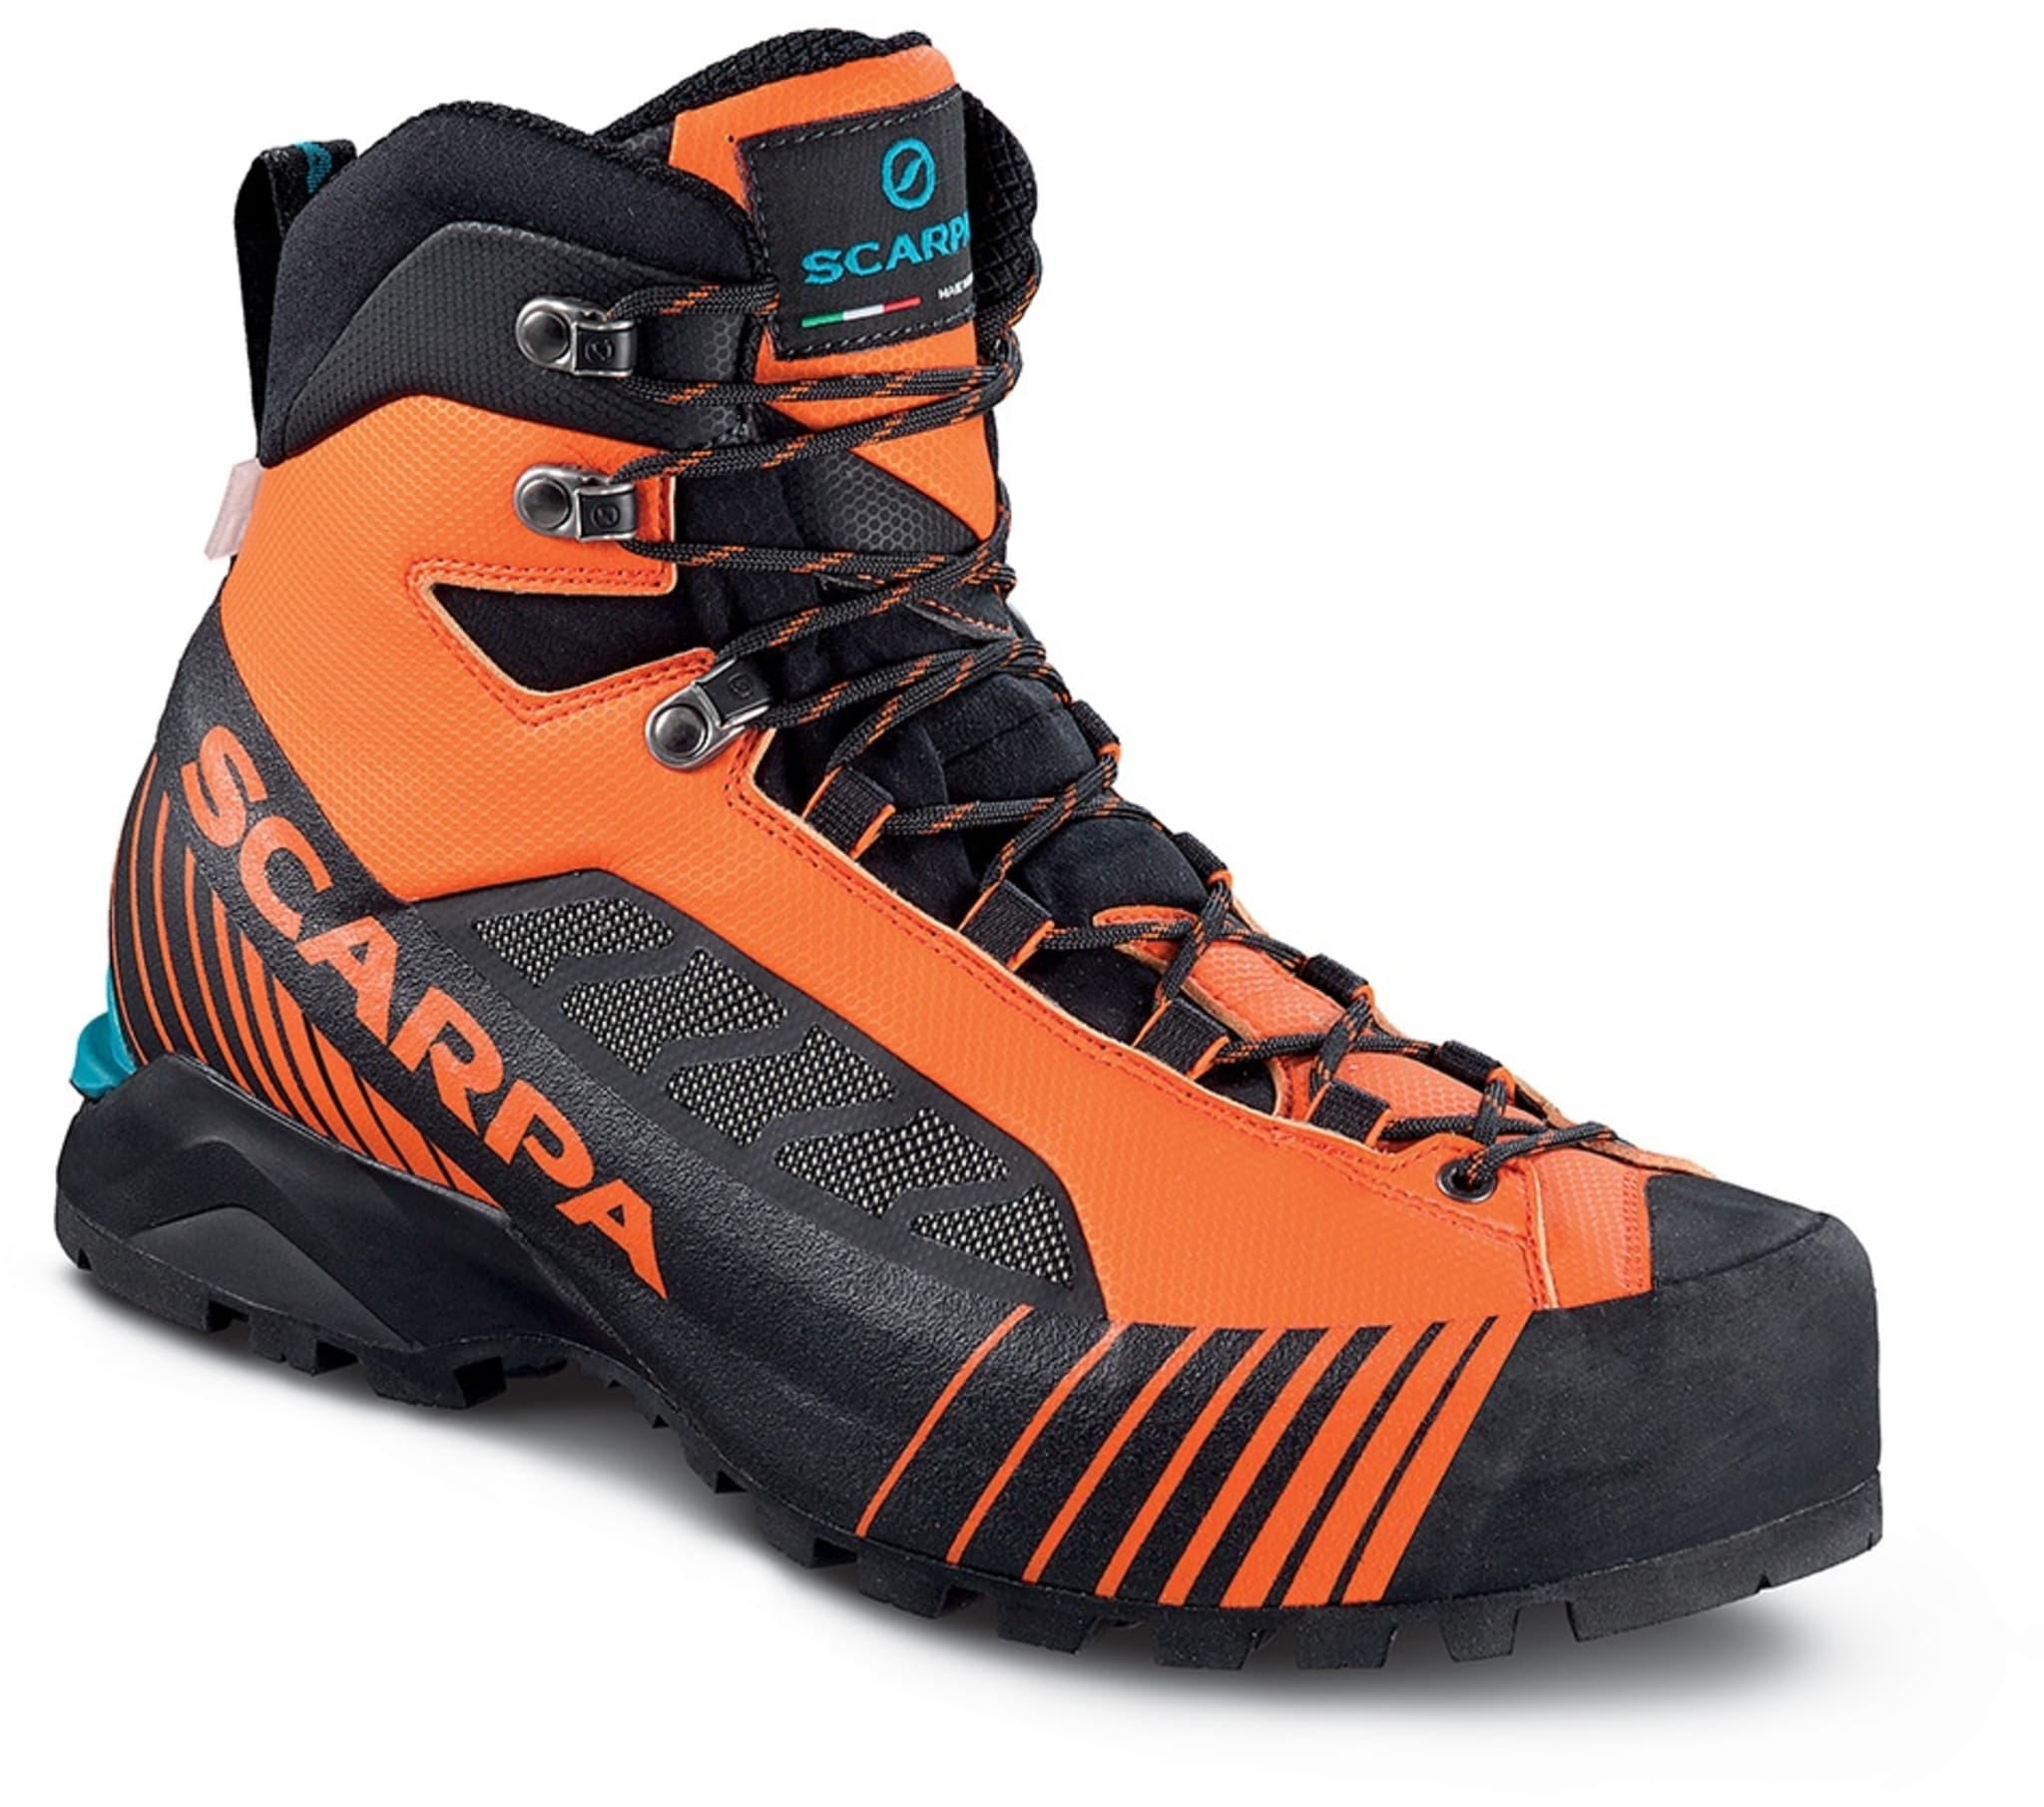 Lett sko laget for komplekse eventyr i fjellet